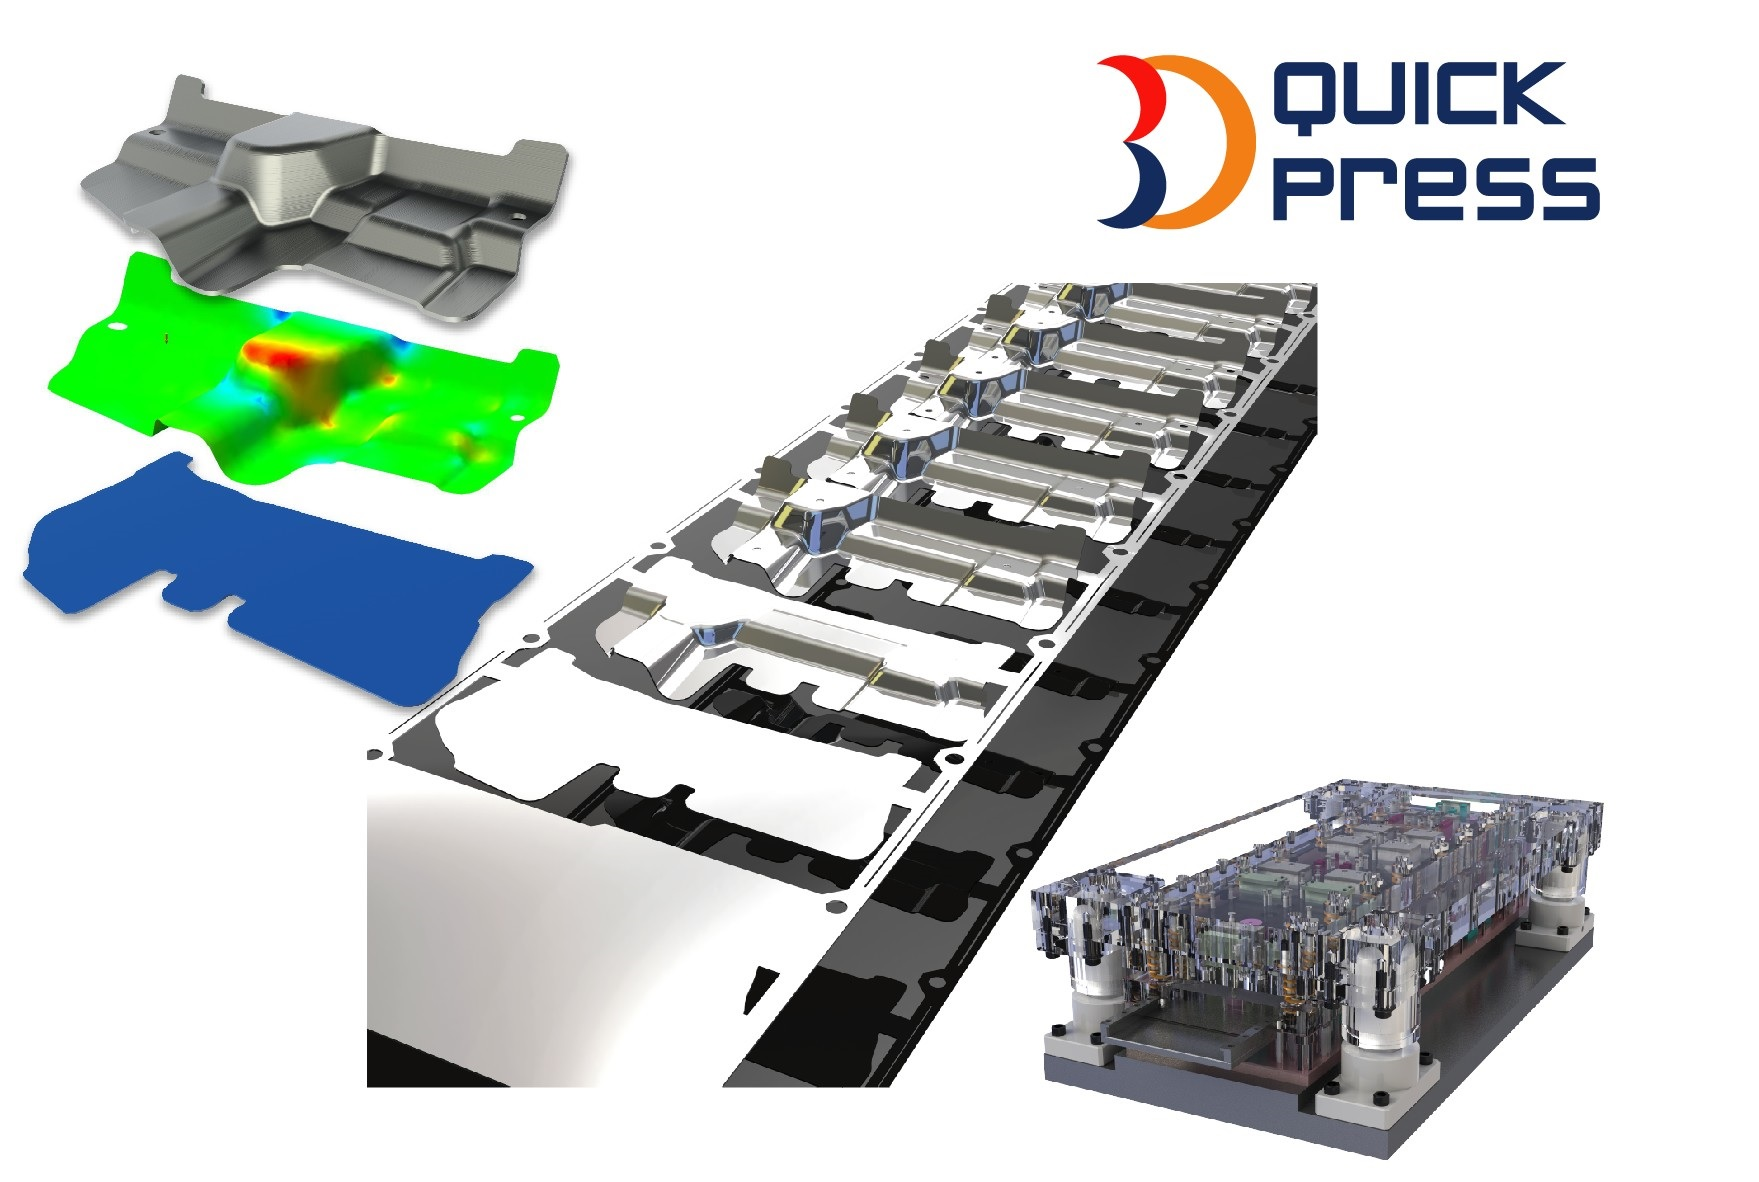 【インターモールド2015出展】 3DQuickPress